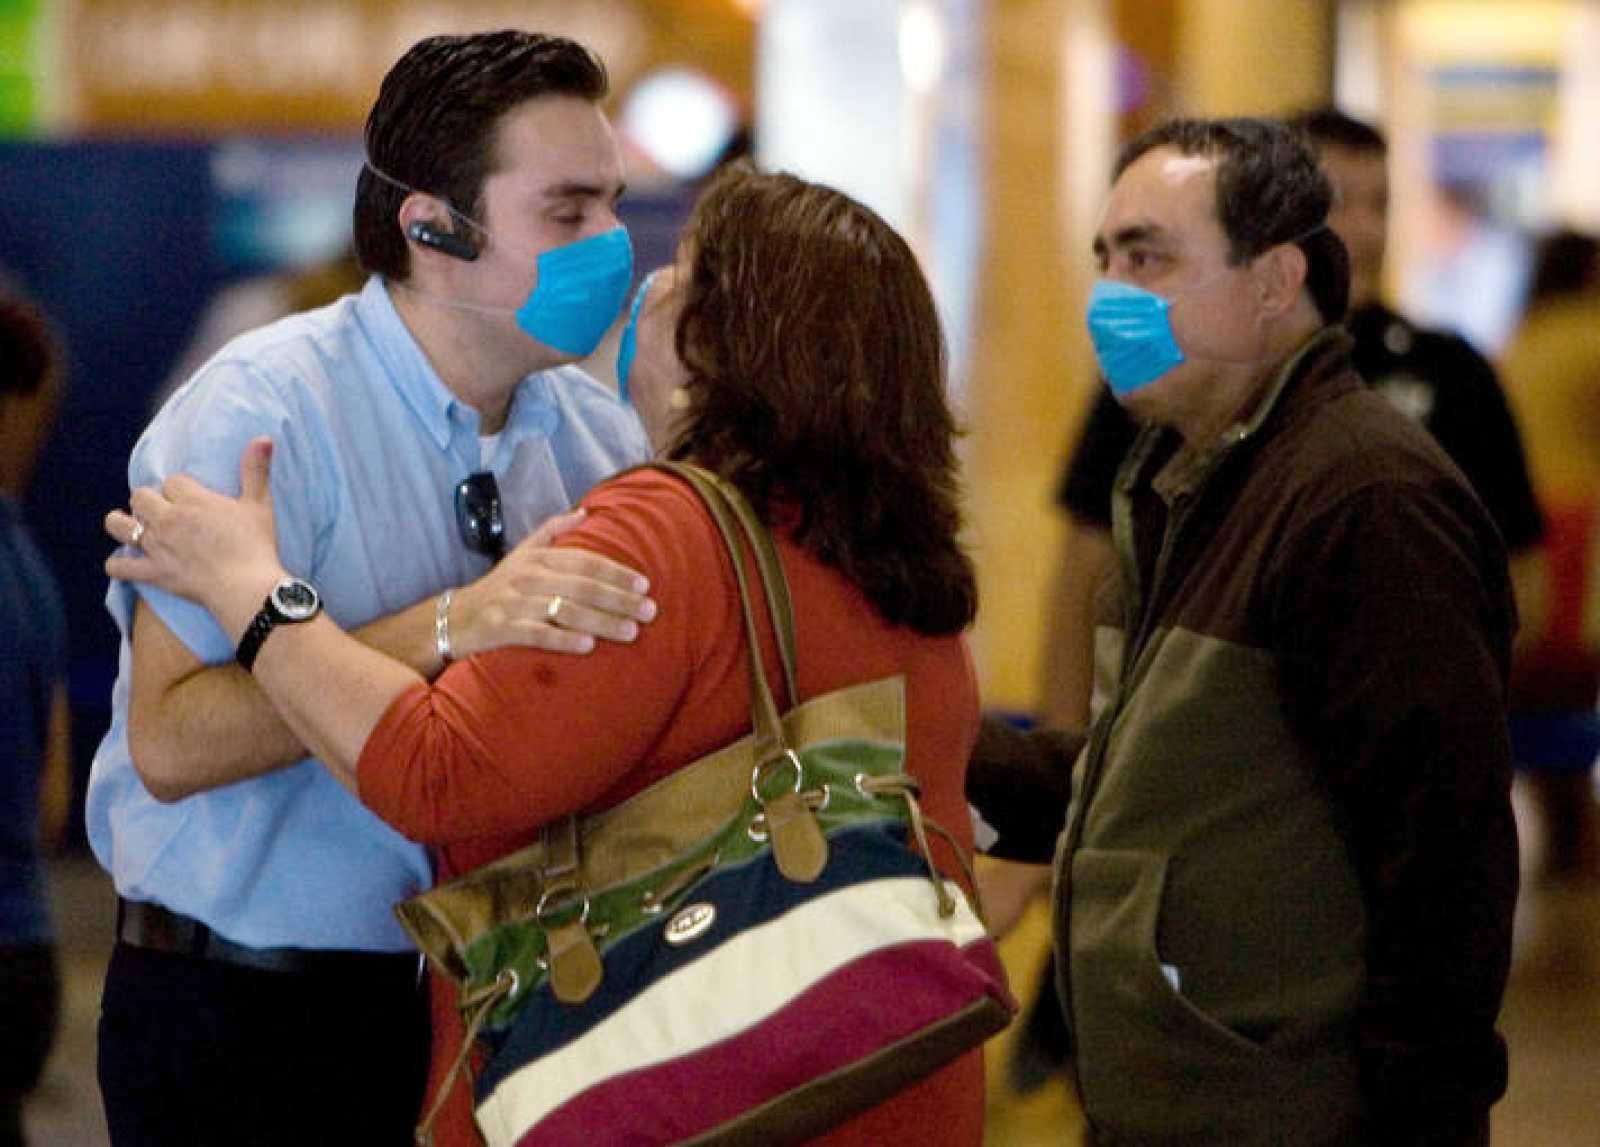 ¿Por qué nos preocupa tanto la gripe A?